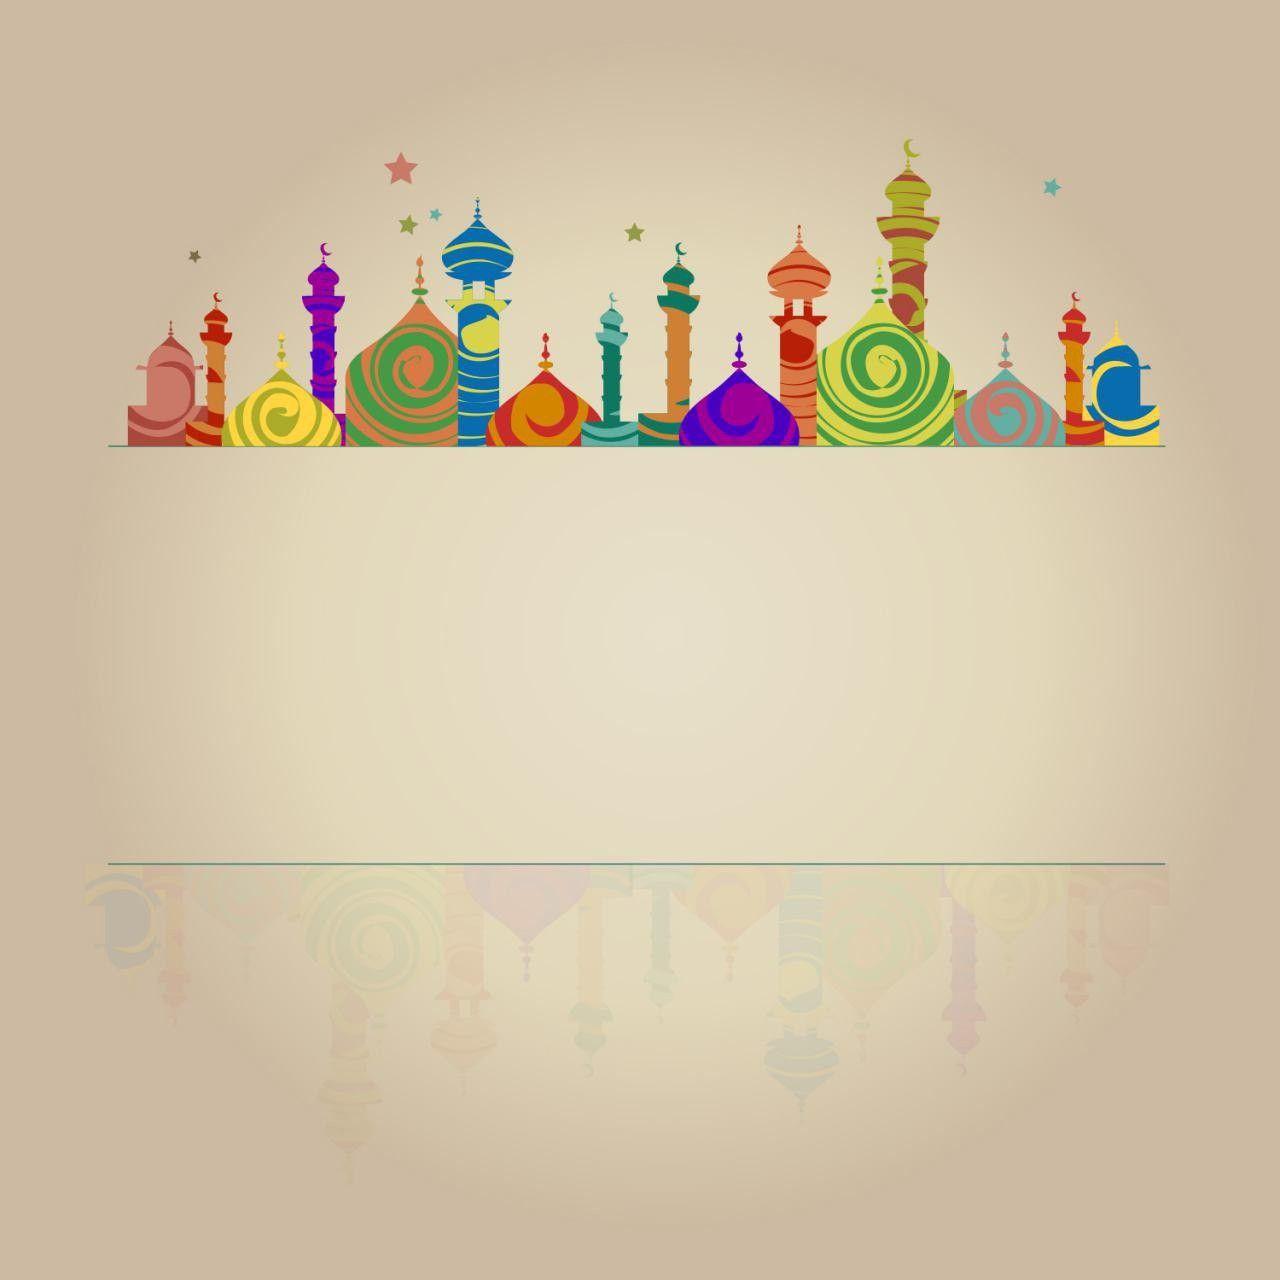 Pin Oleh Altamash Aly Di رمضان Seni Islamis Desain Banner Seni